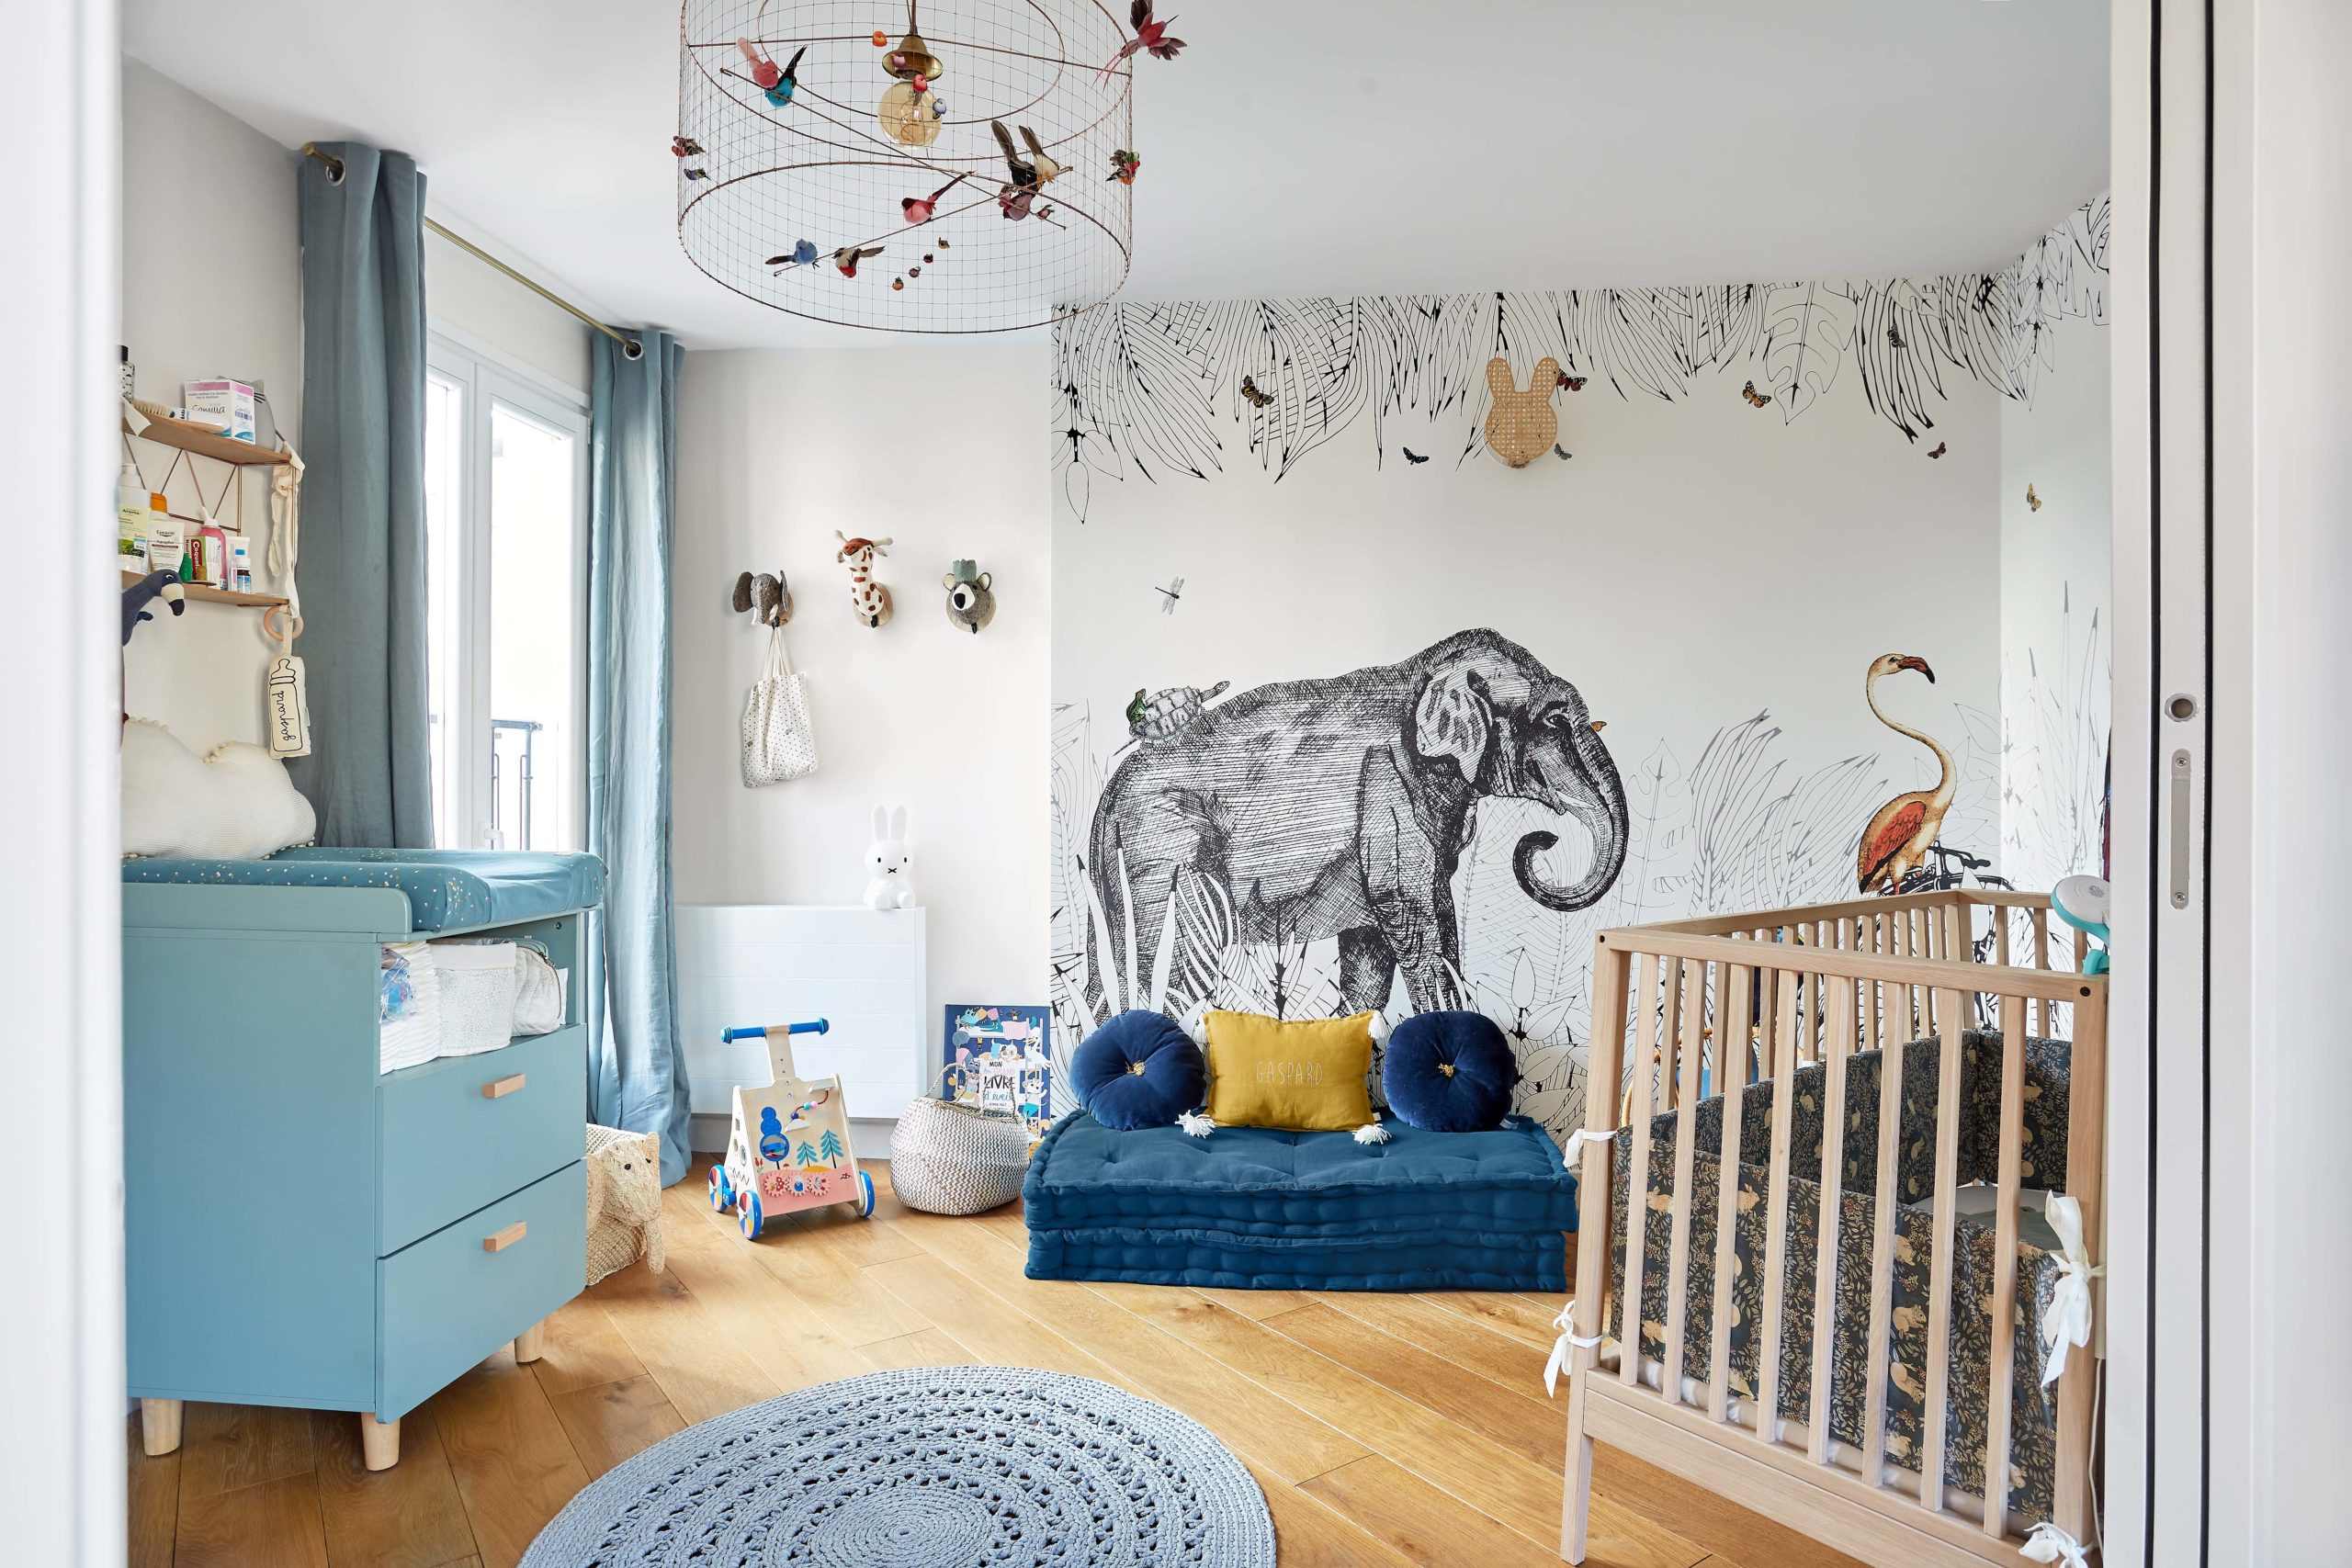 chambre bébé dans les tons bleu clair avec papier-peint panoramique murs et merveilles